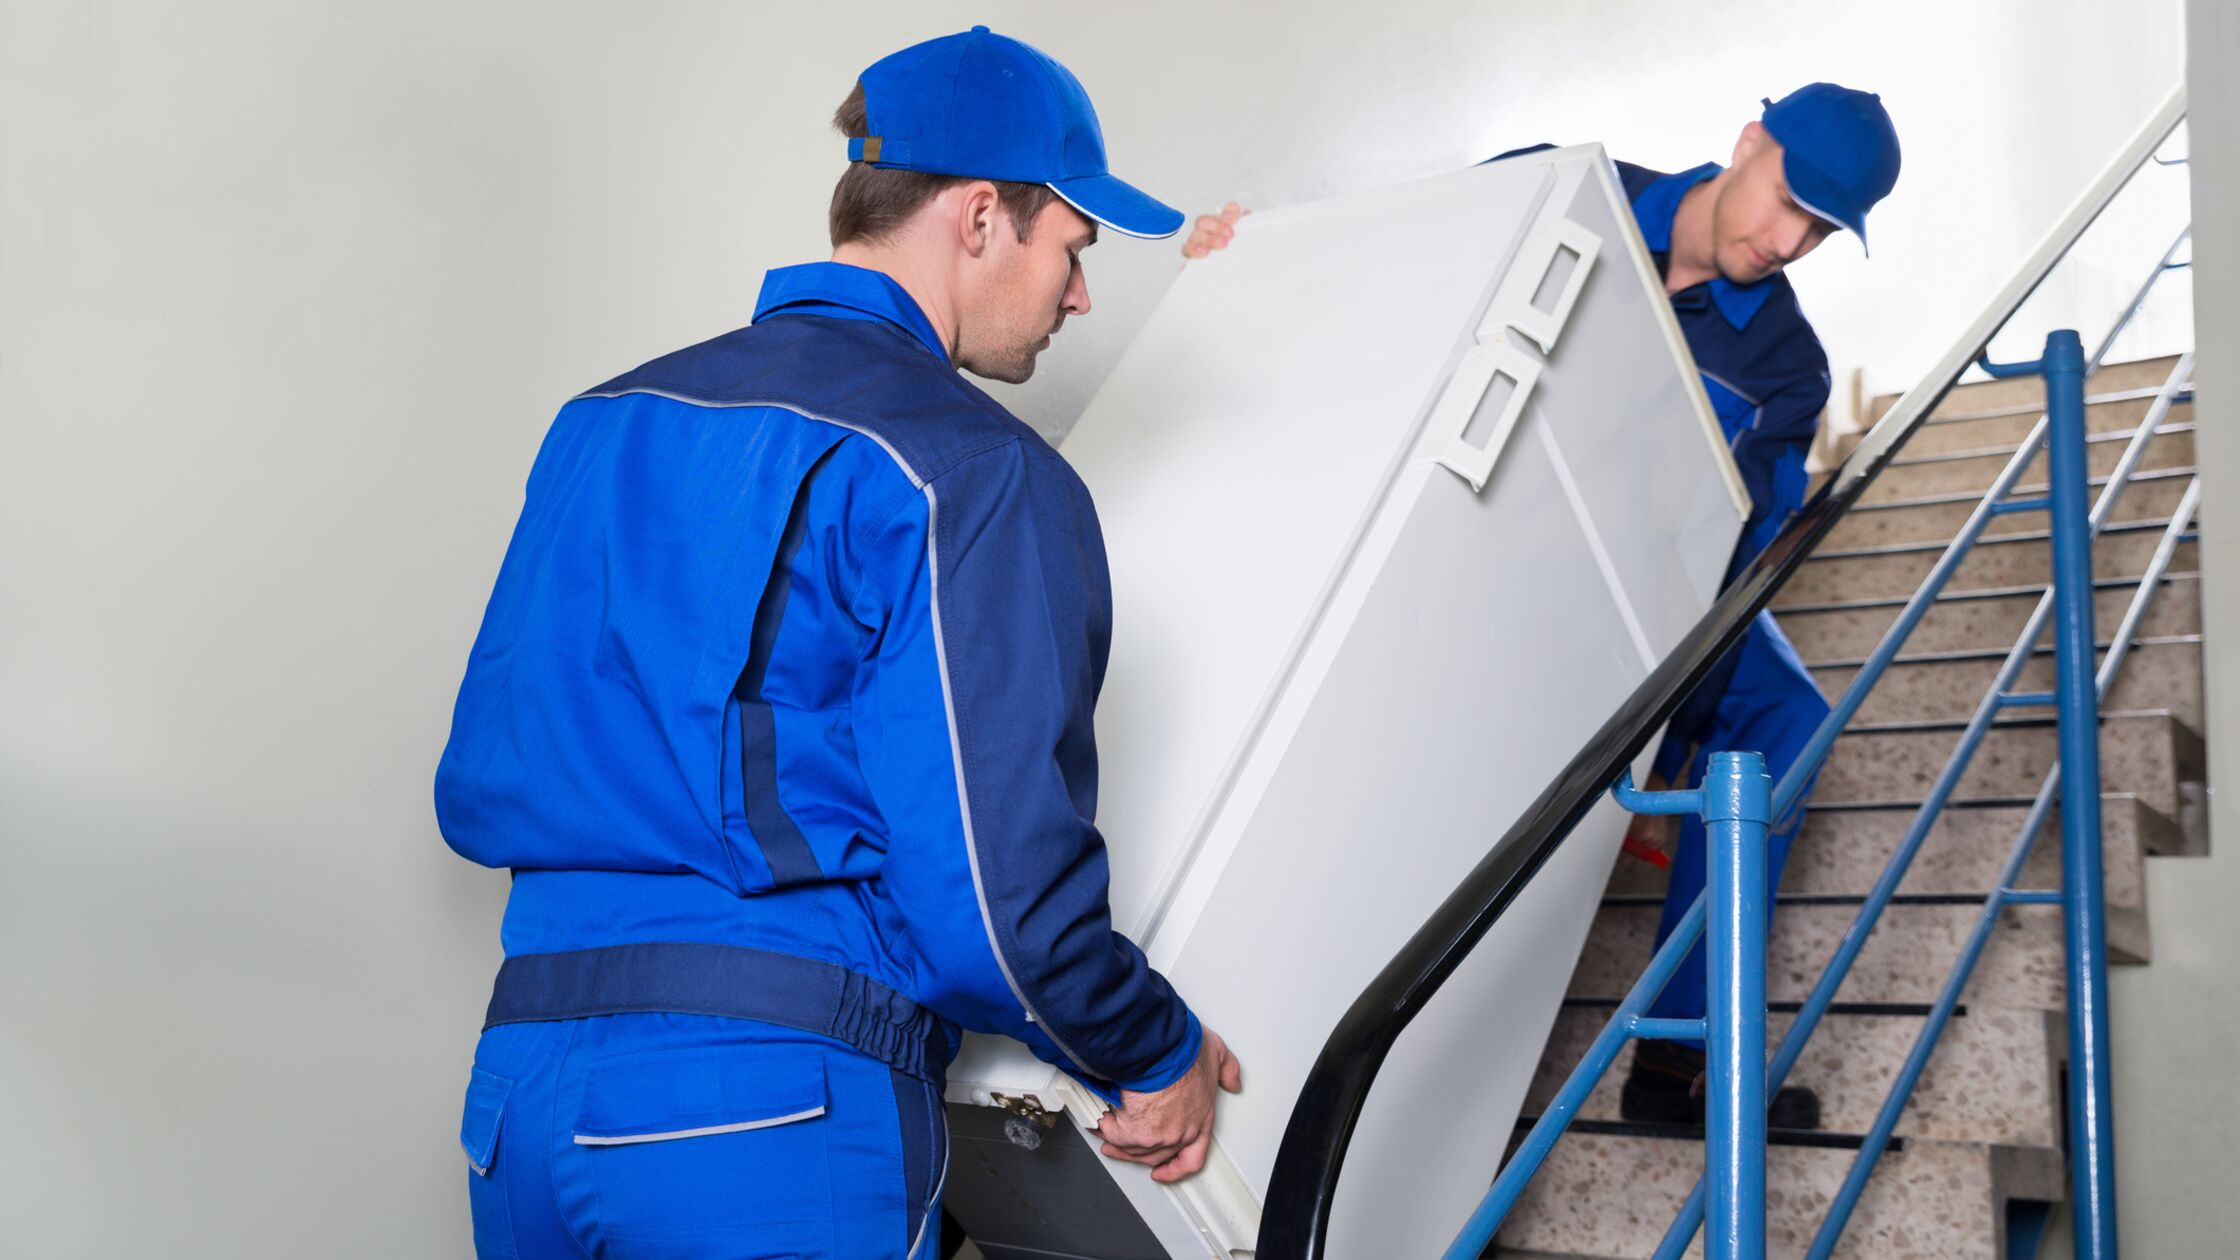 Kühlschrank transportieren: Worauf es beim Umzug ankommt